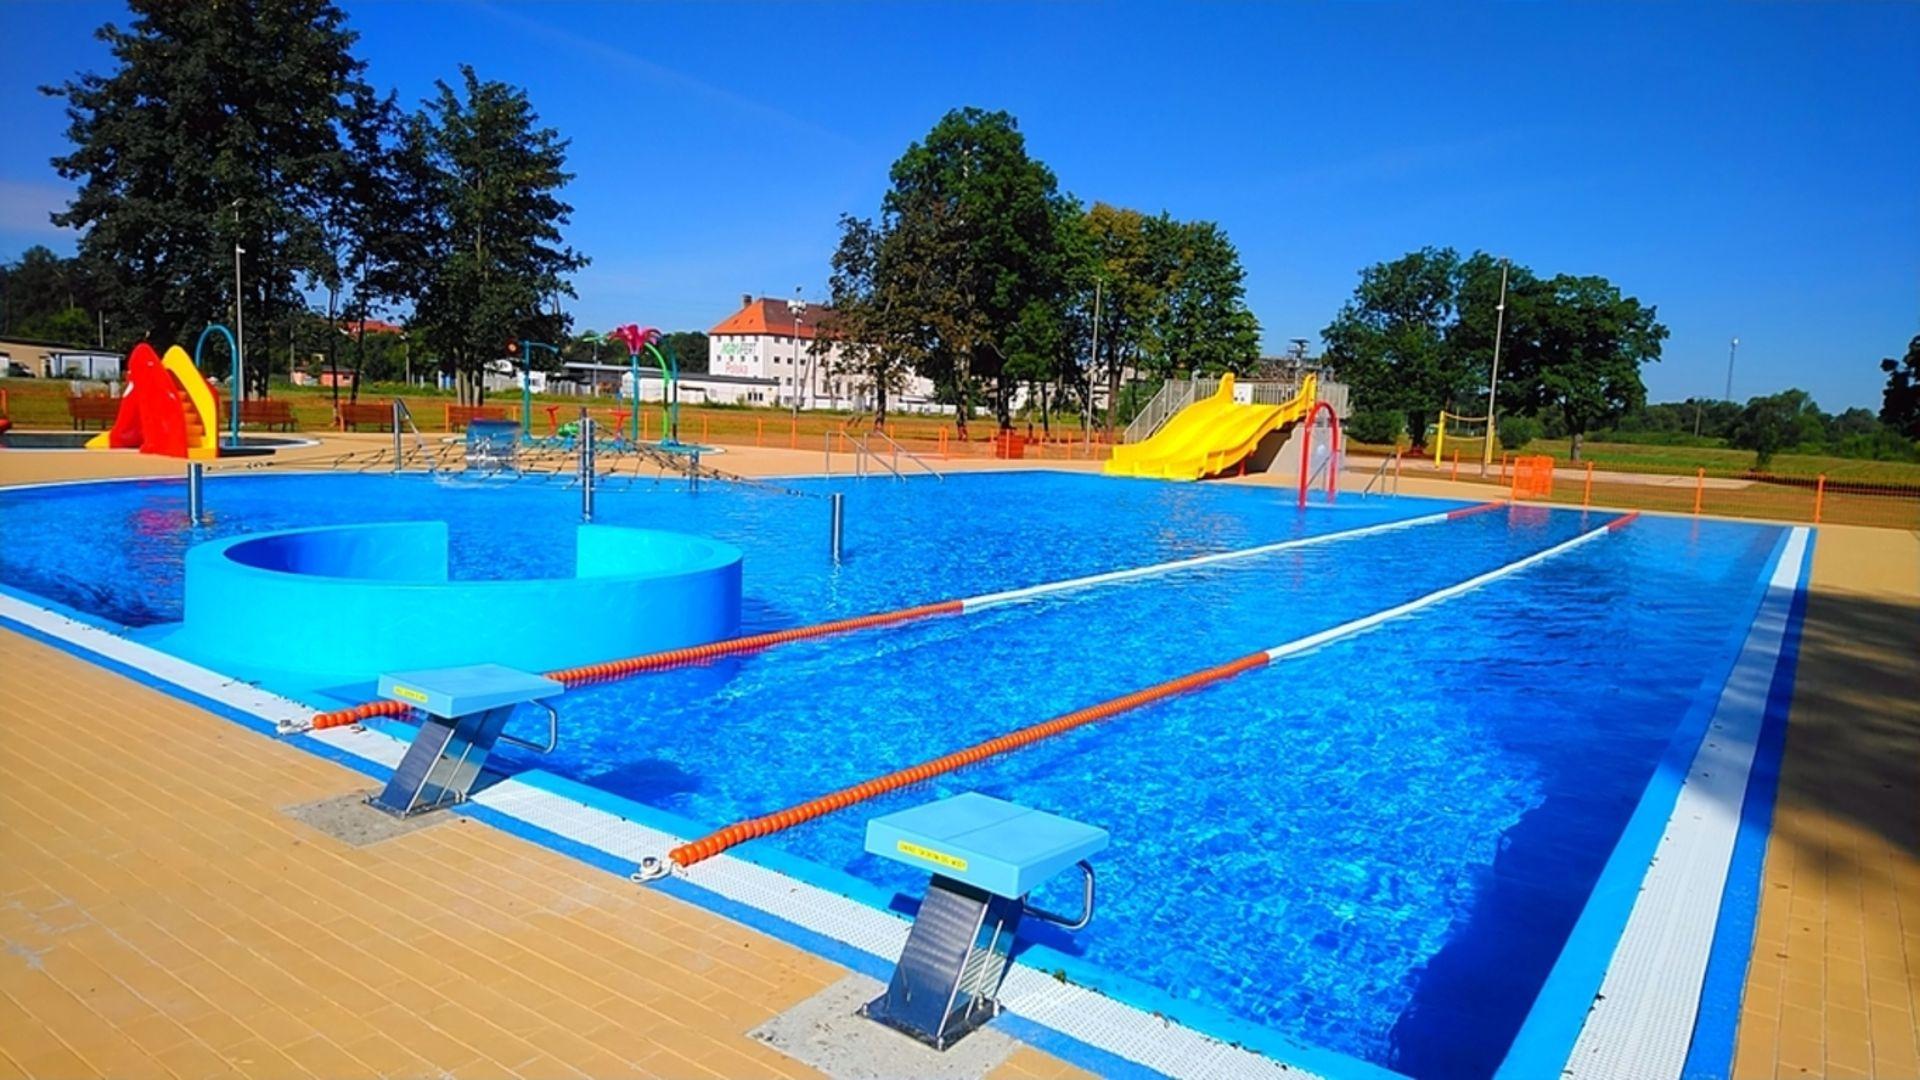 Otwarto nowy kompleks basenów letnich w Lwówku Śląskim